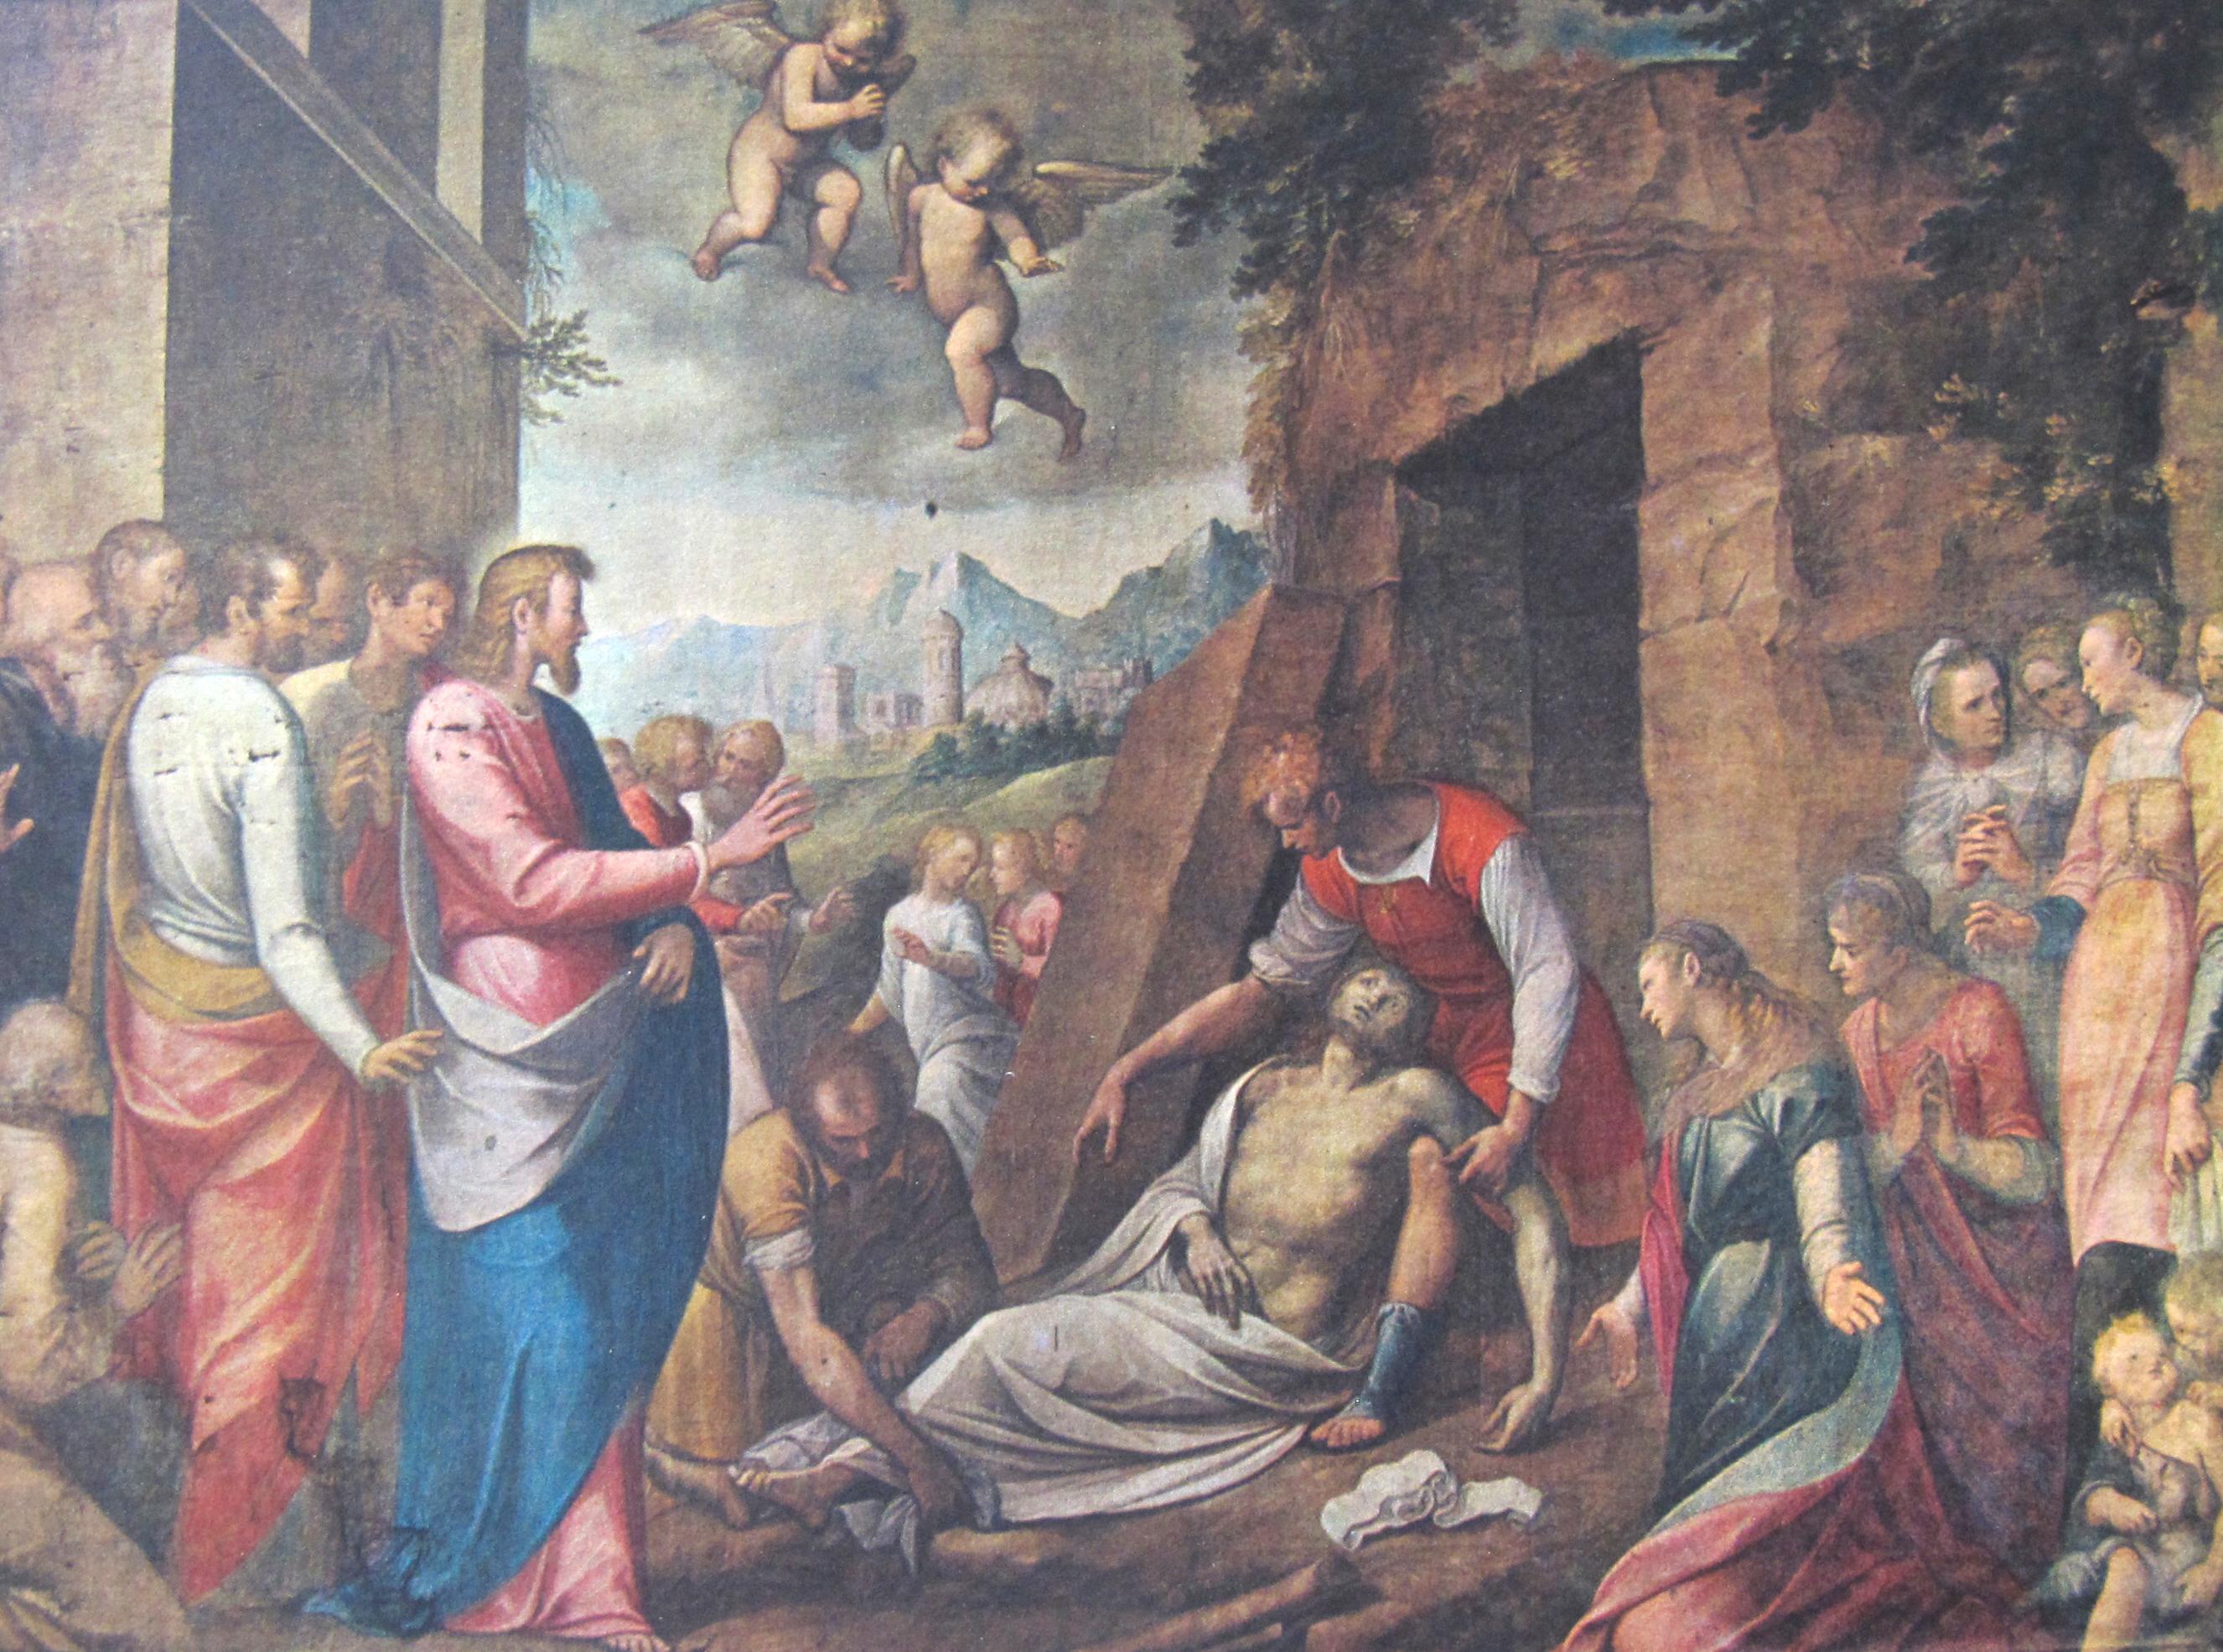 Guglielmo Caccia (il Moncalvo). La Resurrezione di Lazzaro (1615 ca.)